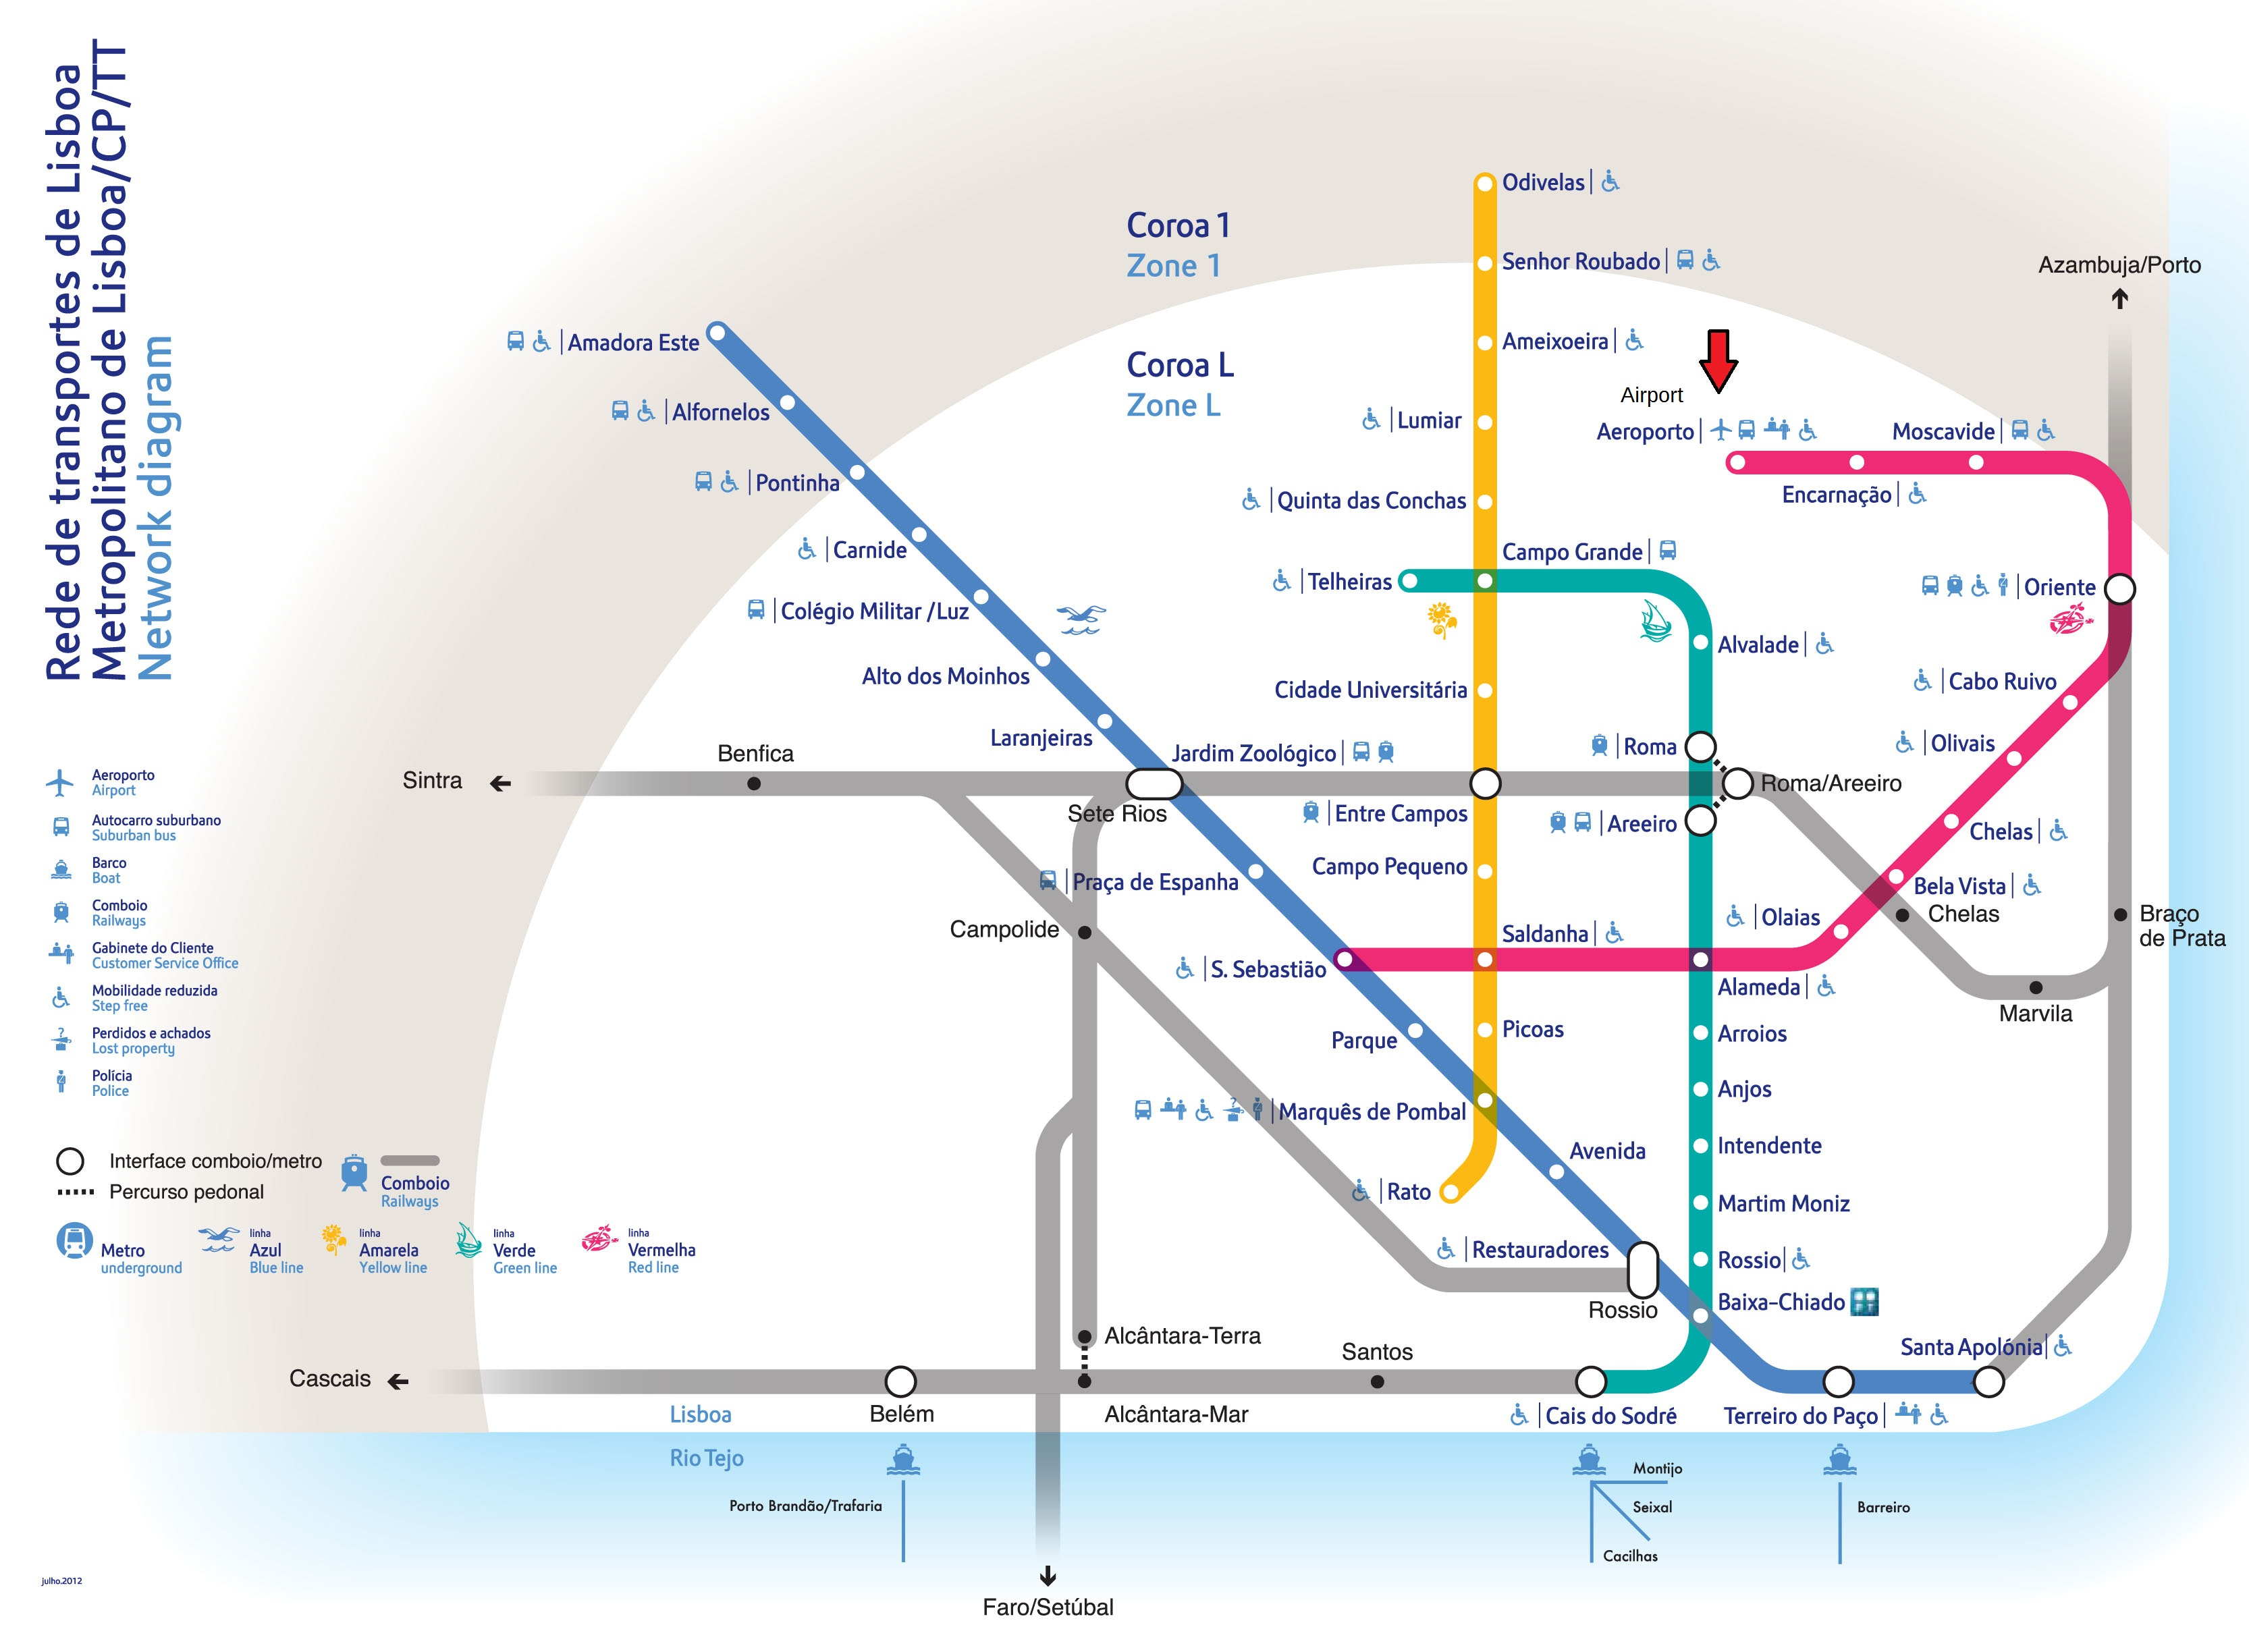 Diagrama da Rede Metropolitano de Lisboa